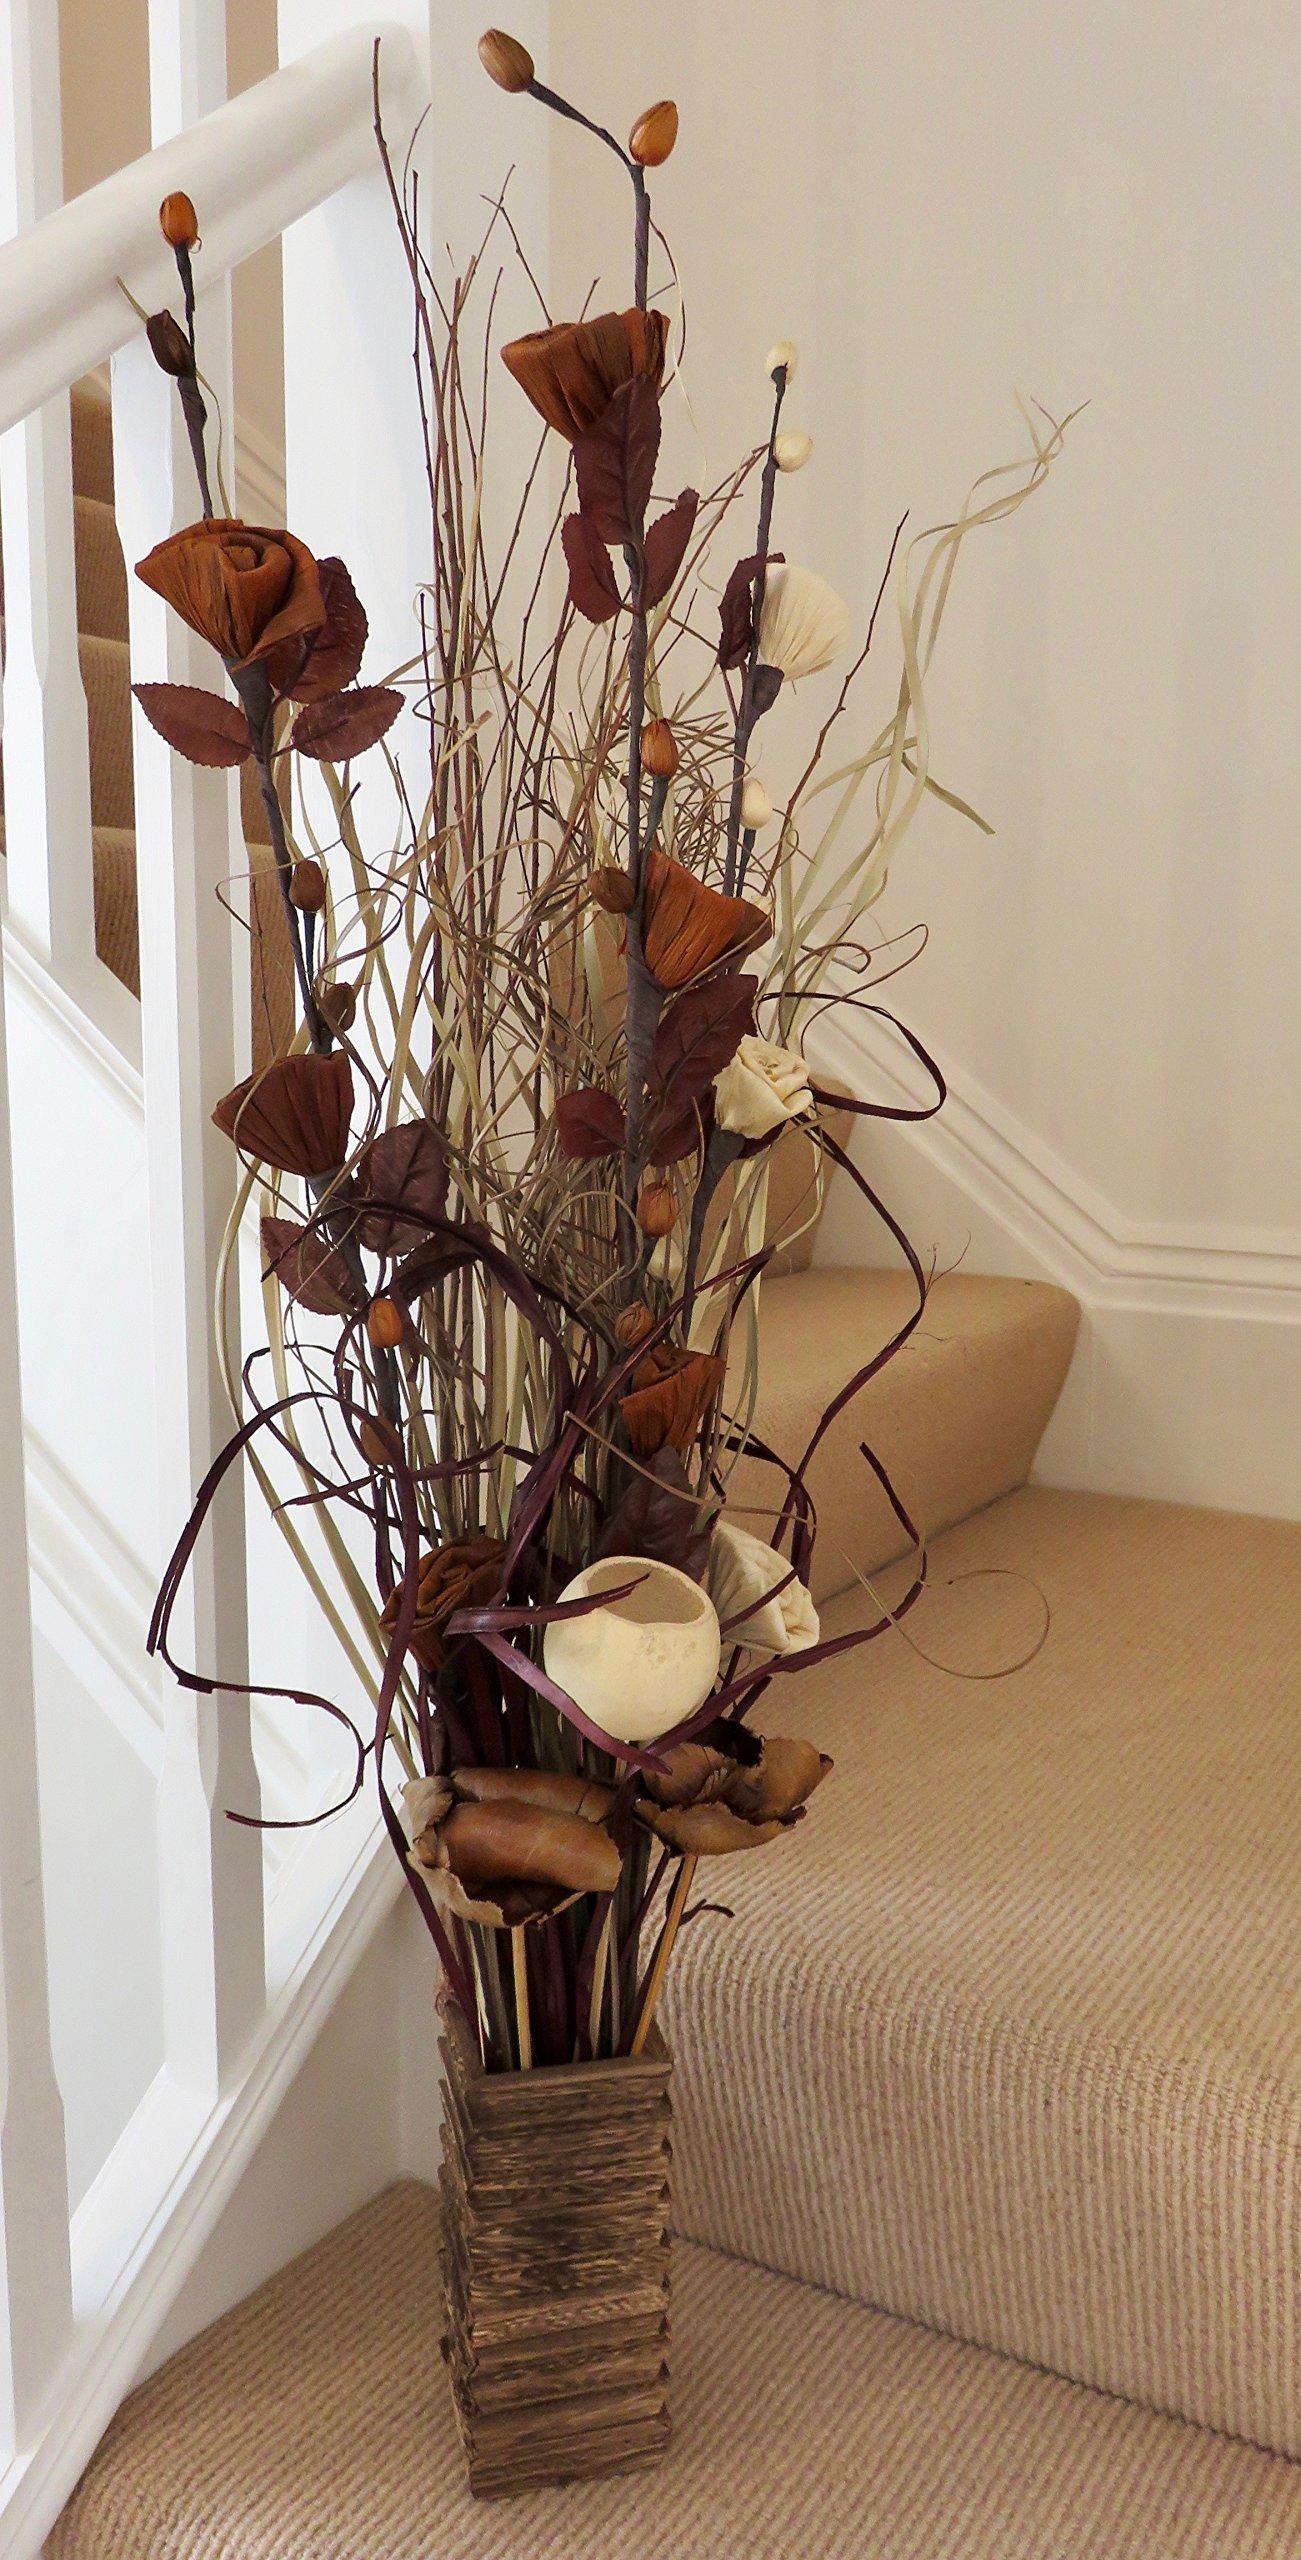 Conjunto floral orgánico hecho a mano de flores exóticas y hierbas indias secas de color natural con tonos chocolate…